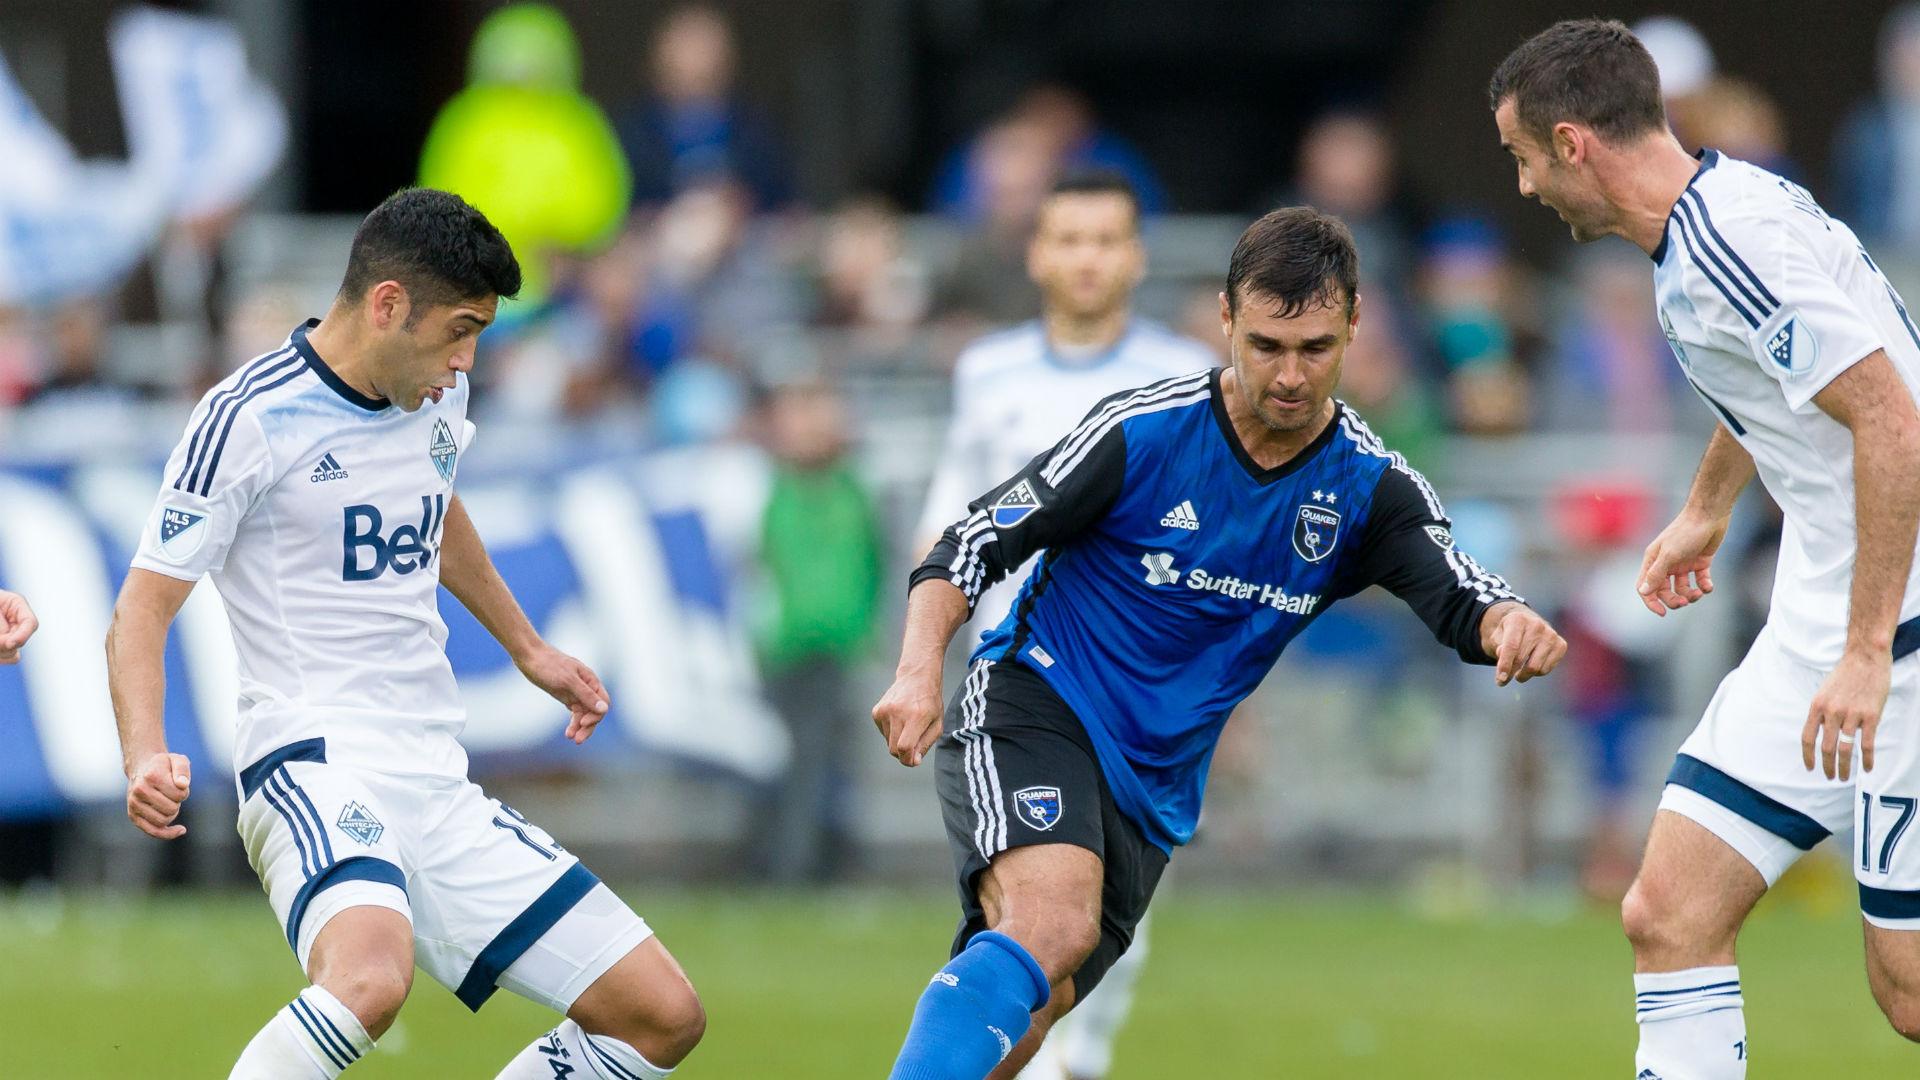 Chris Wondolowski Andrew Jacobson San Jose Earthquakes Vancouver Whitecaps MLS